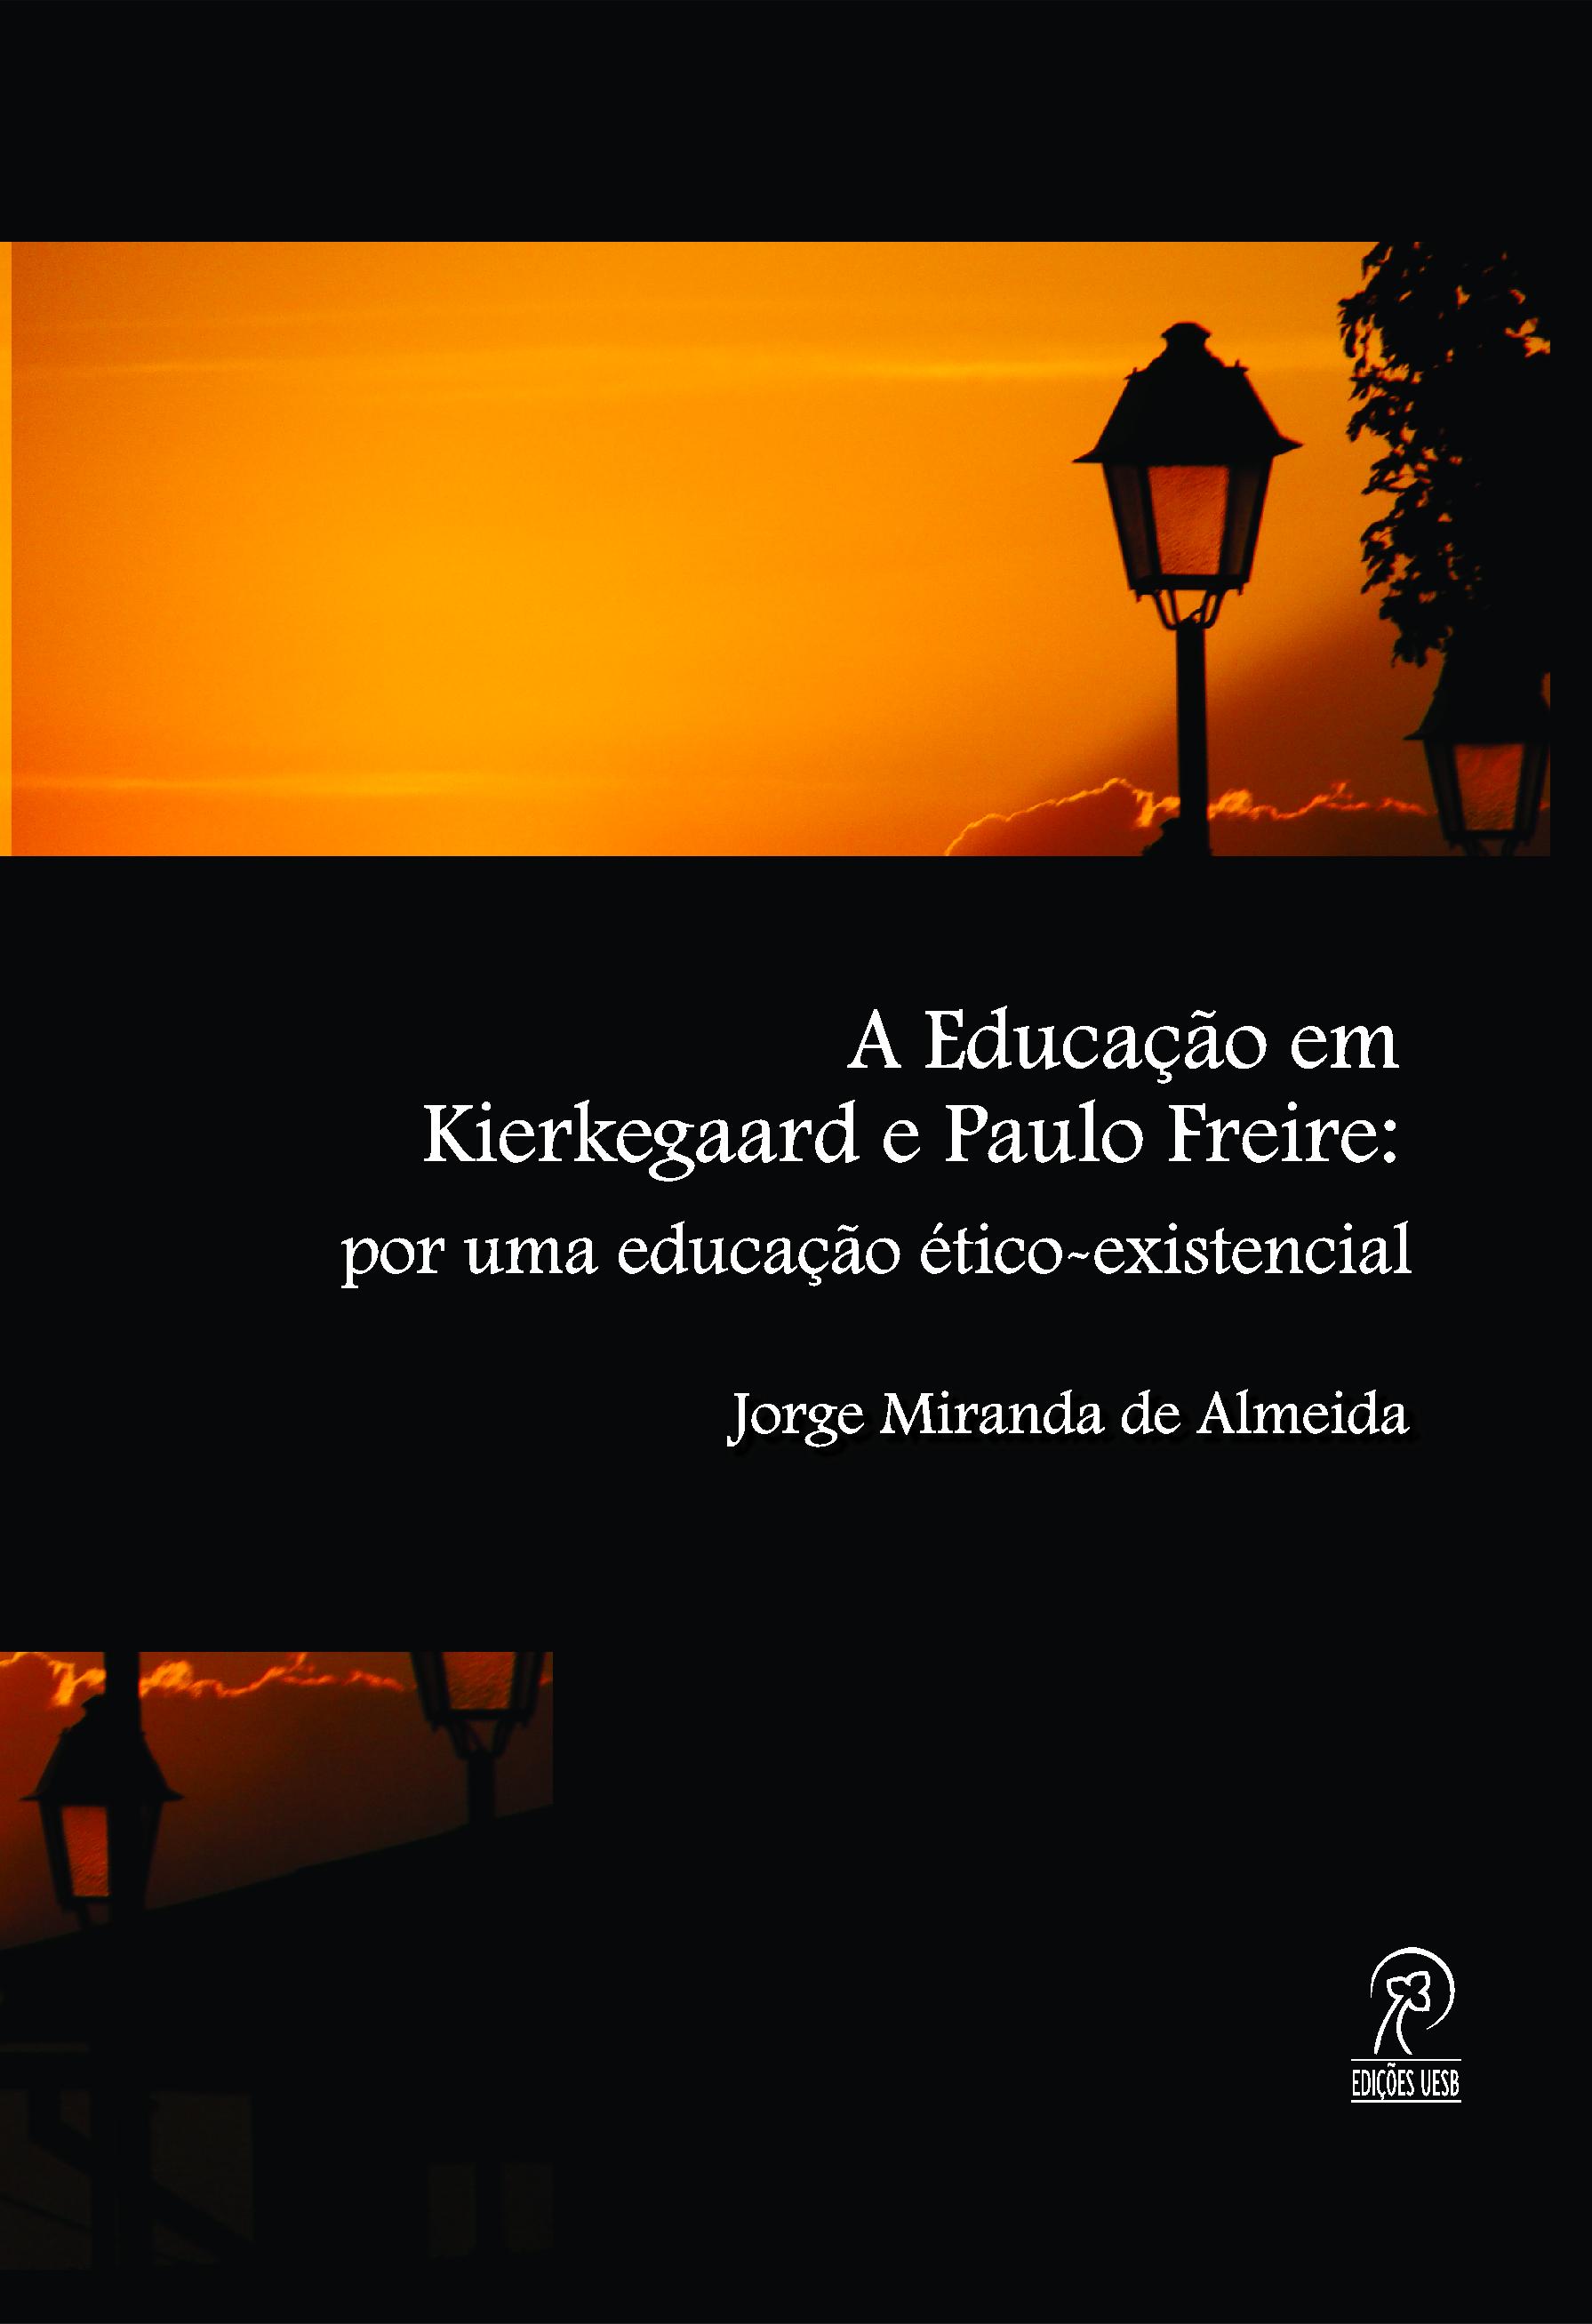 A educação em Kierkegaard e Paulo Freire: por uma educação ético-existencial